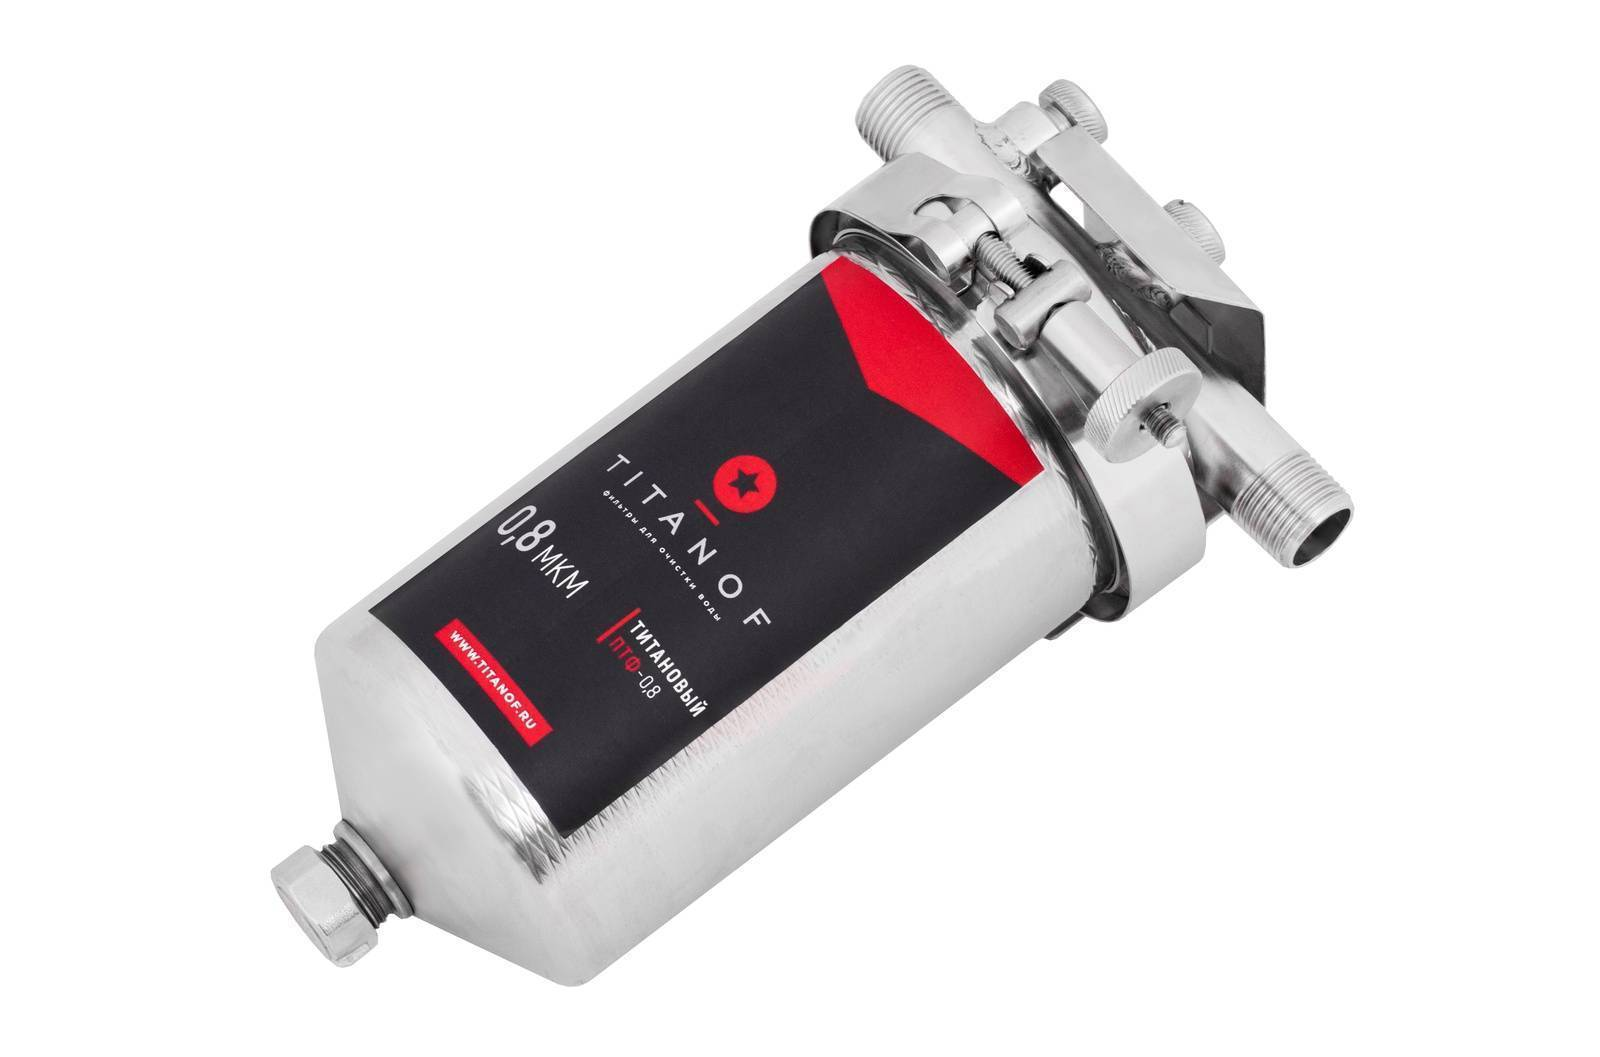 Титановый фильтр титанов (titanof) - отзывы покупателей и экспертов